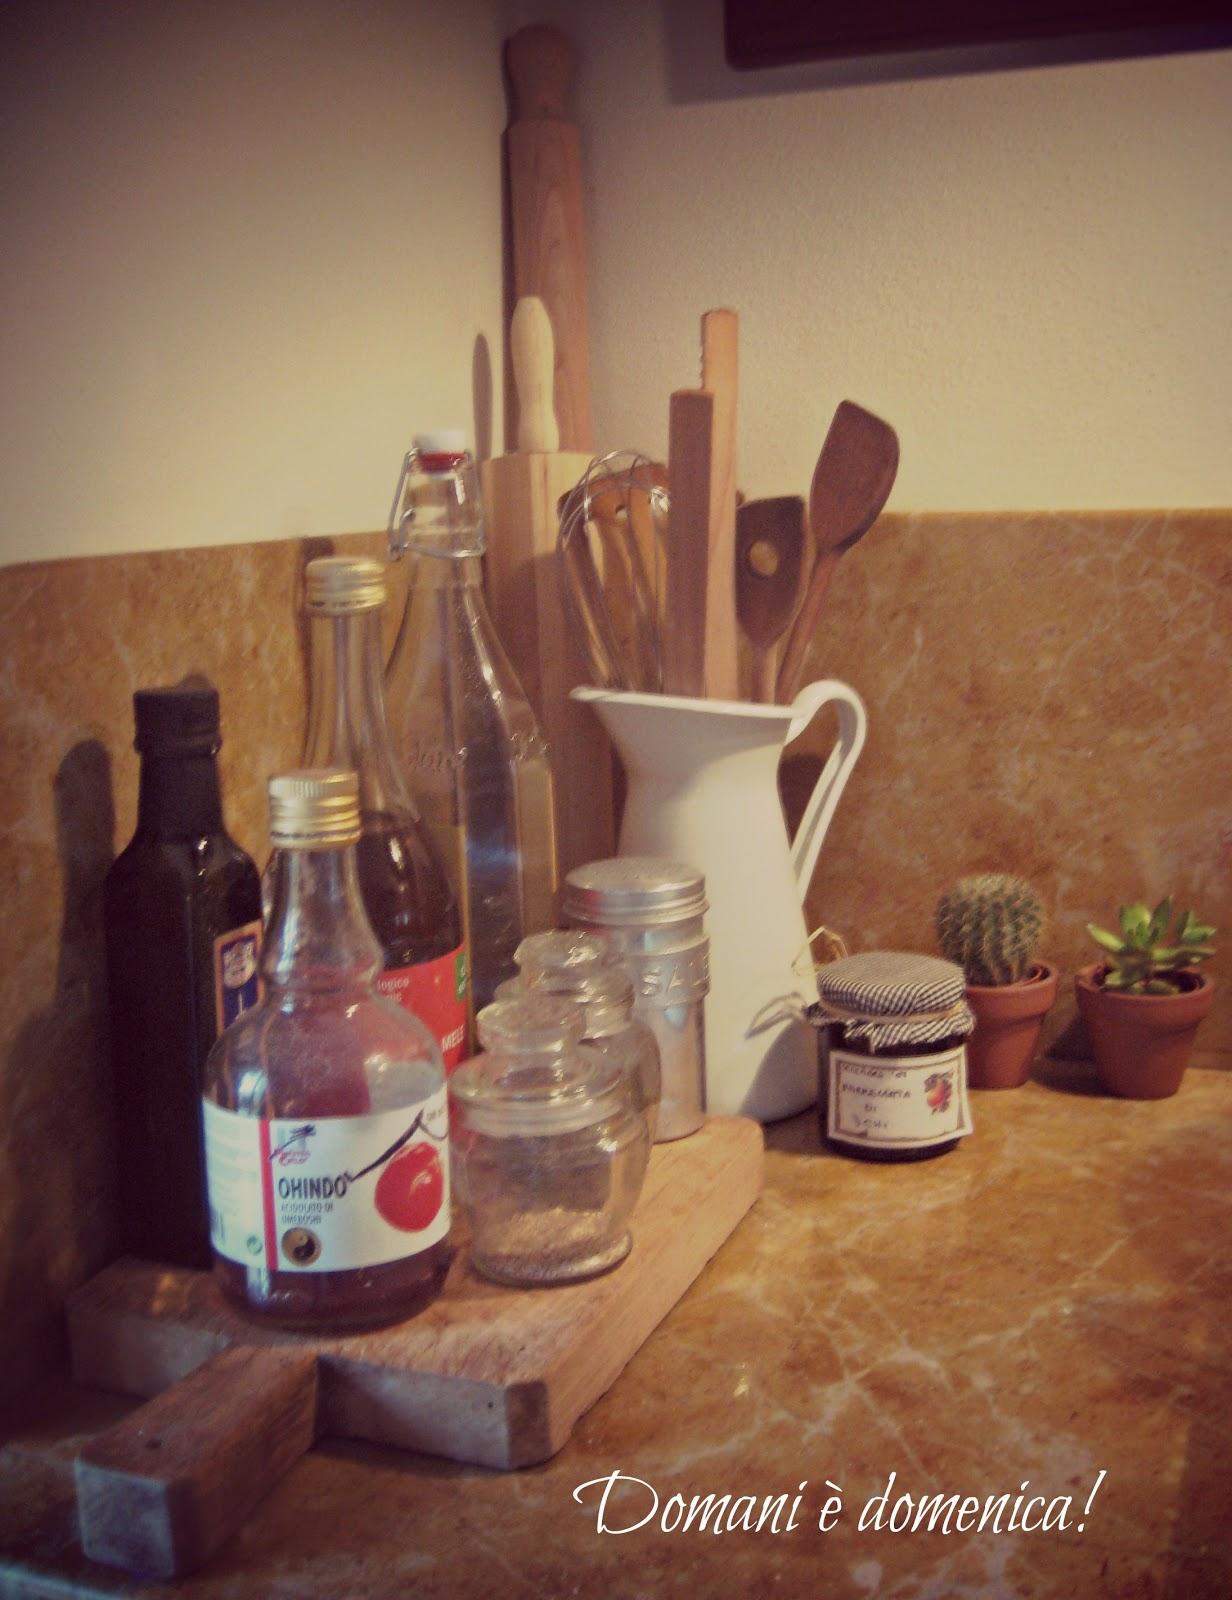 Domani domenica di cucine tende e oggetti del cuore for Oggetti decorativi per cucina